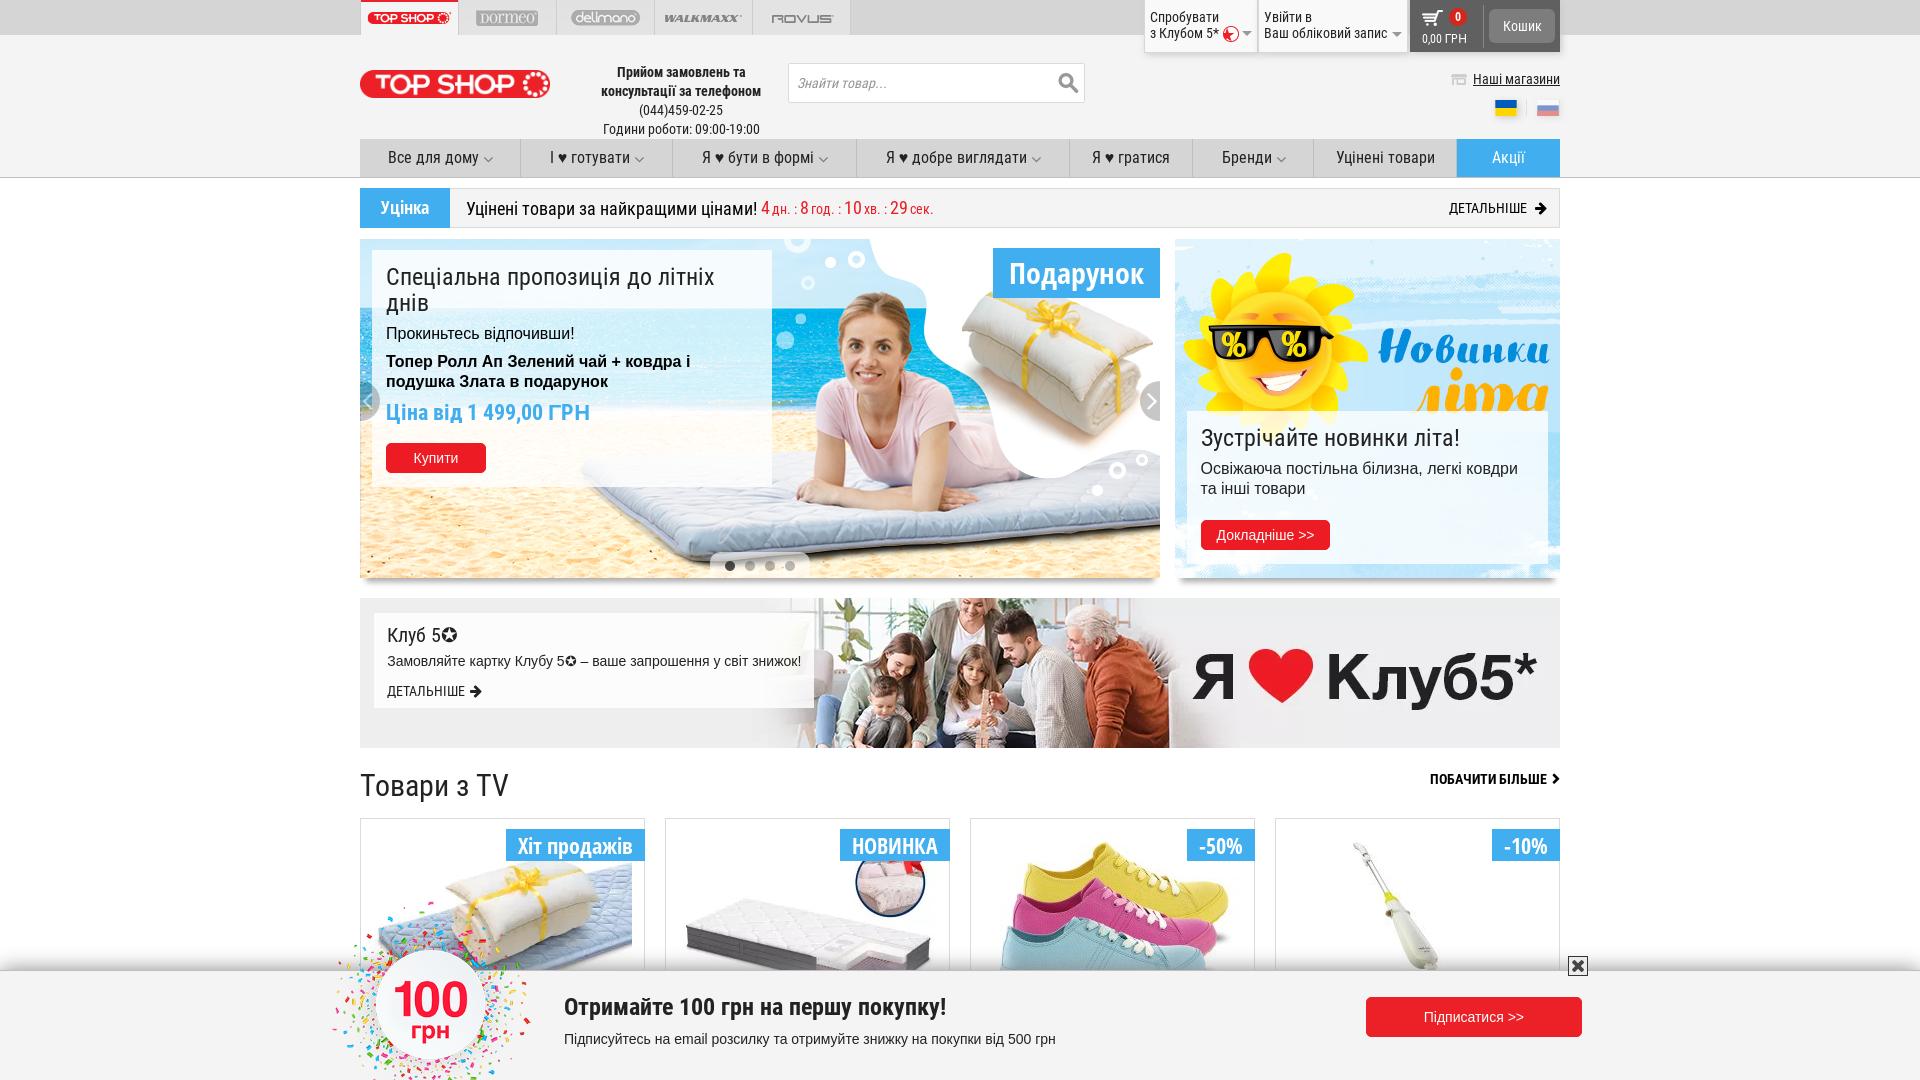 Topshoptv UA website